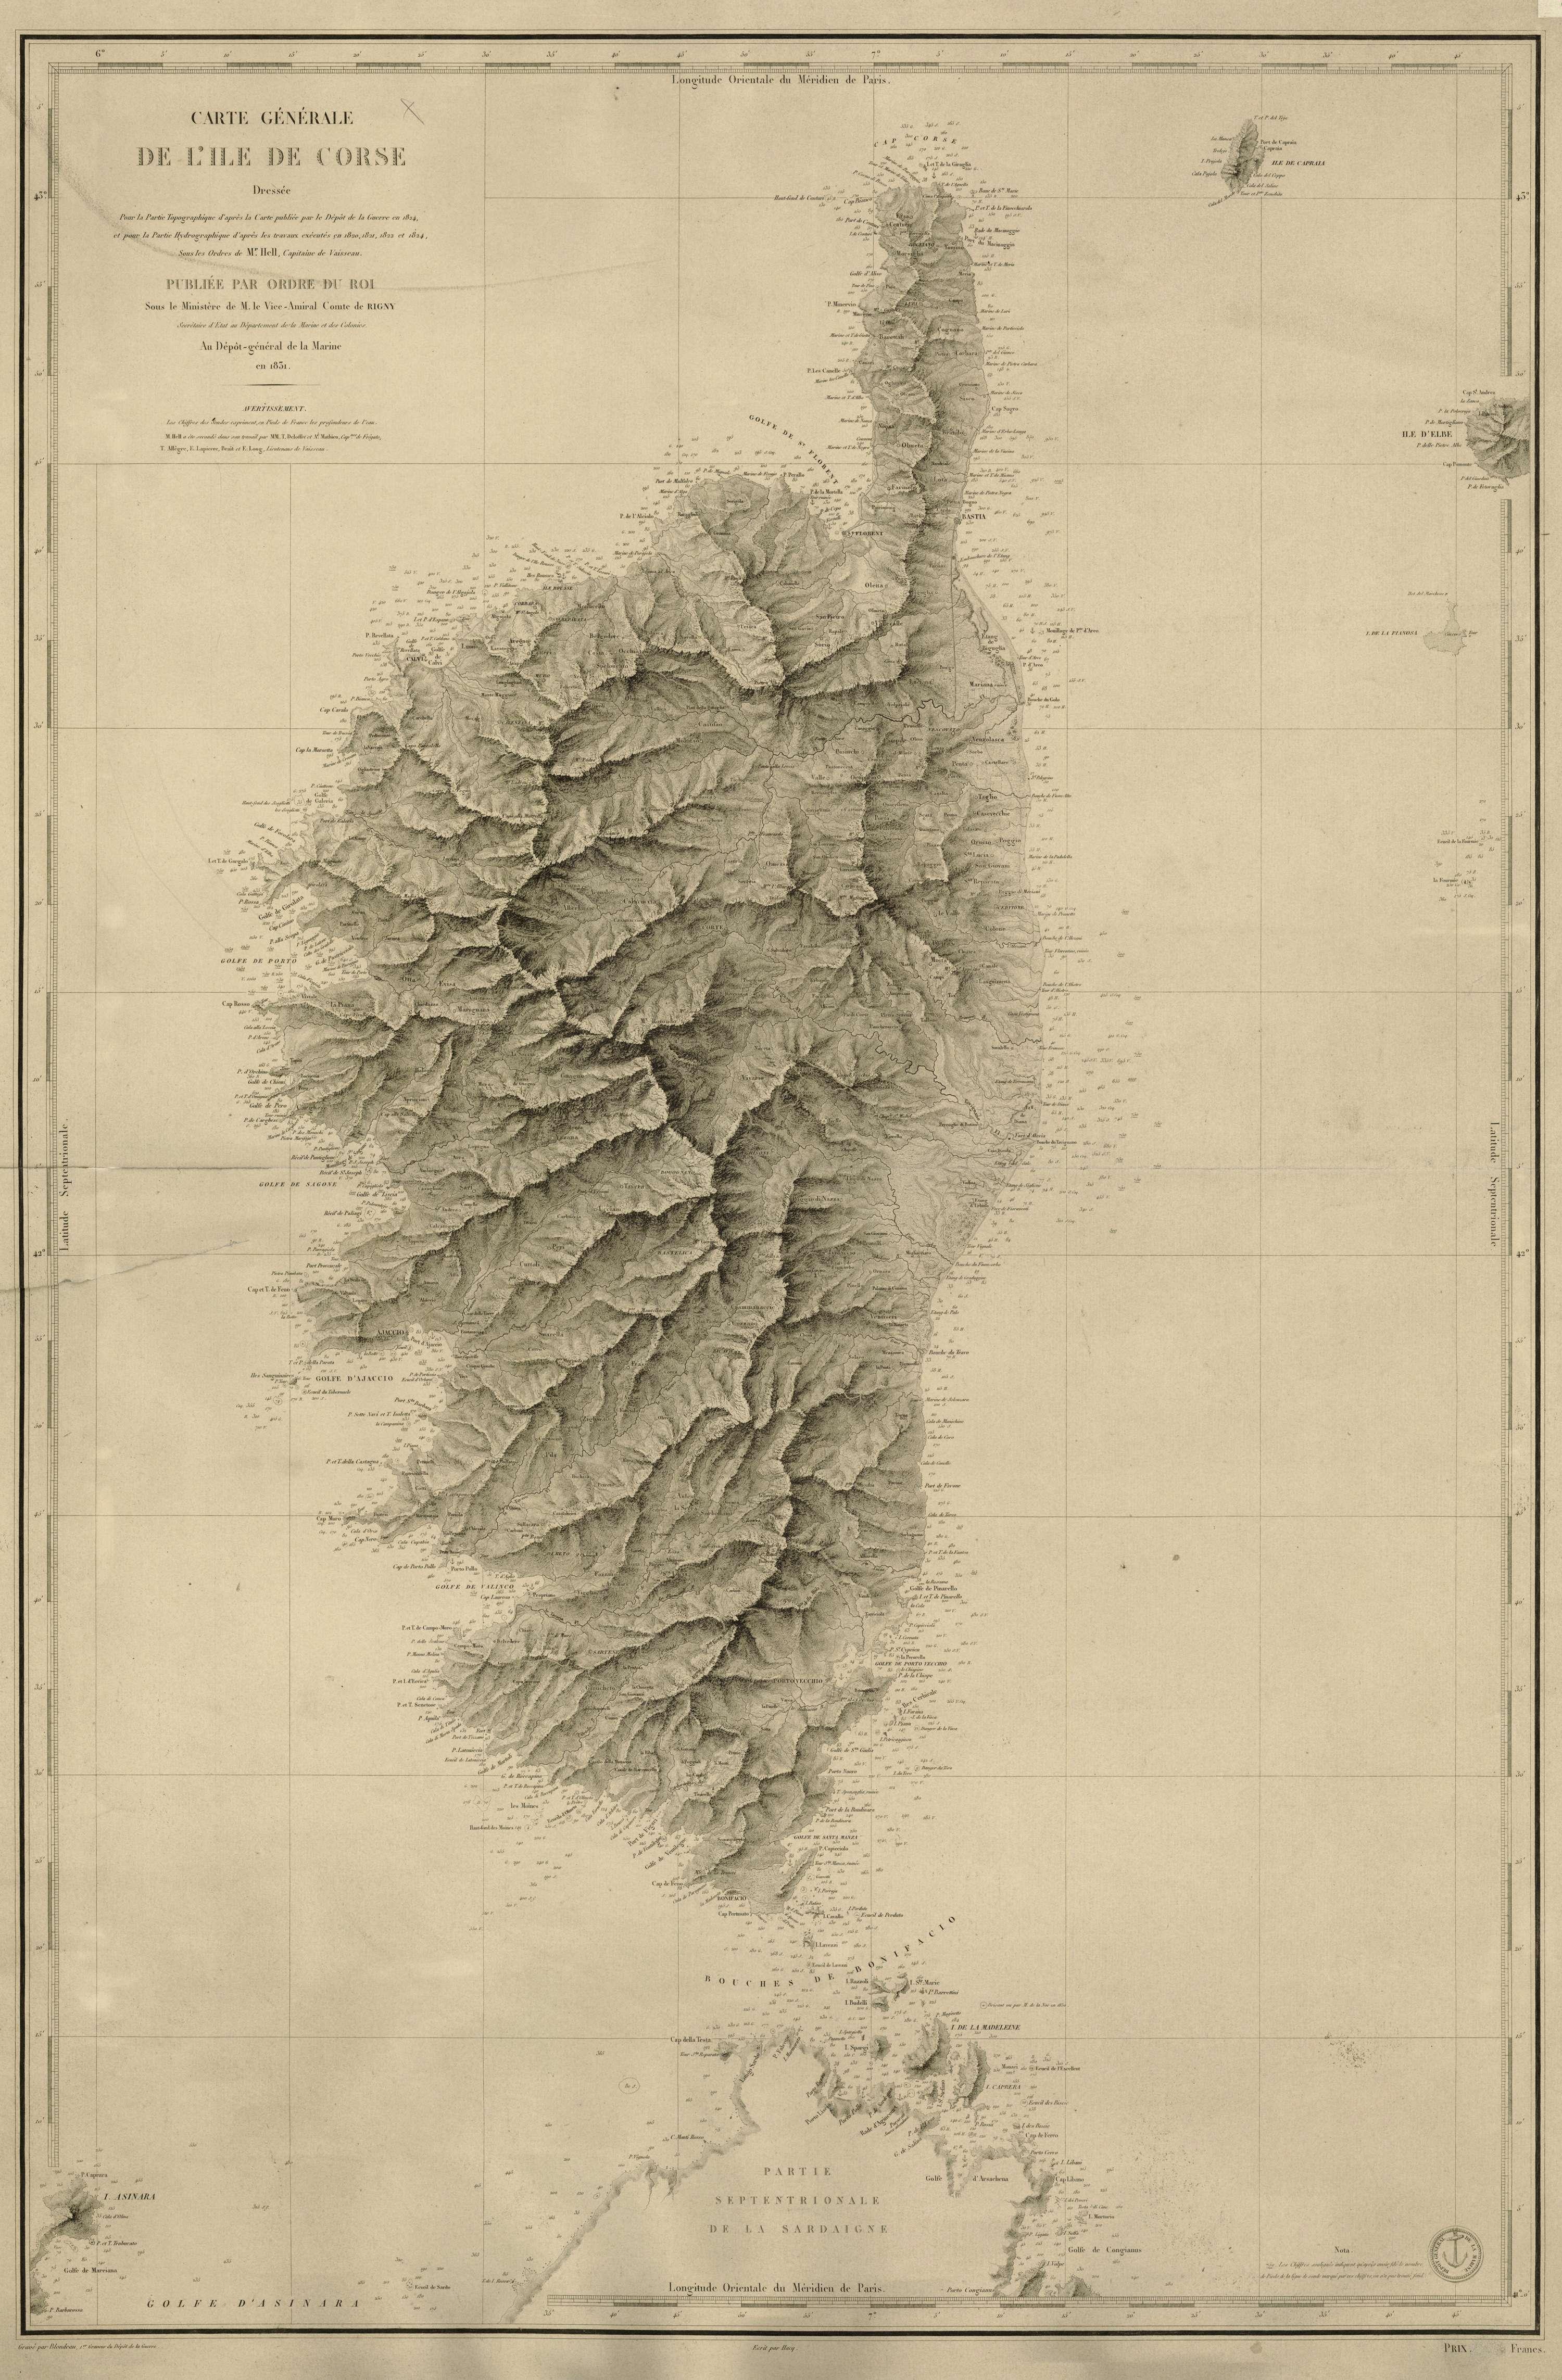 Carte Générale de l'Ile de Corse